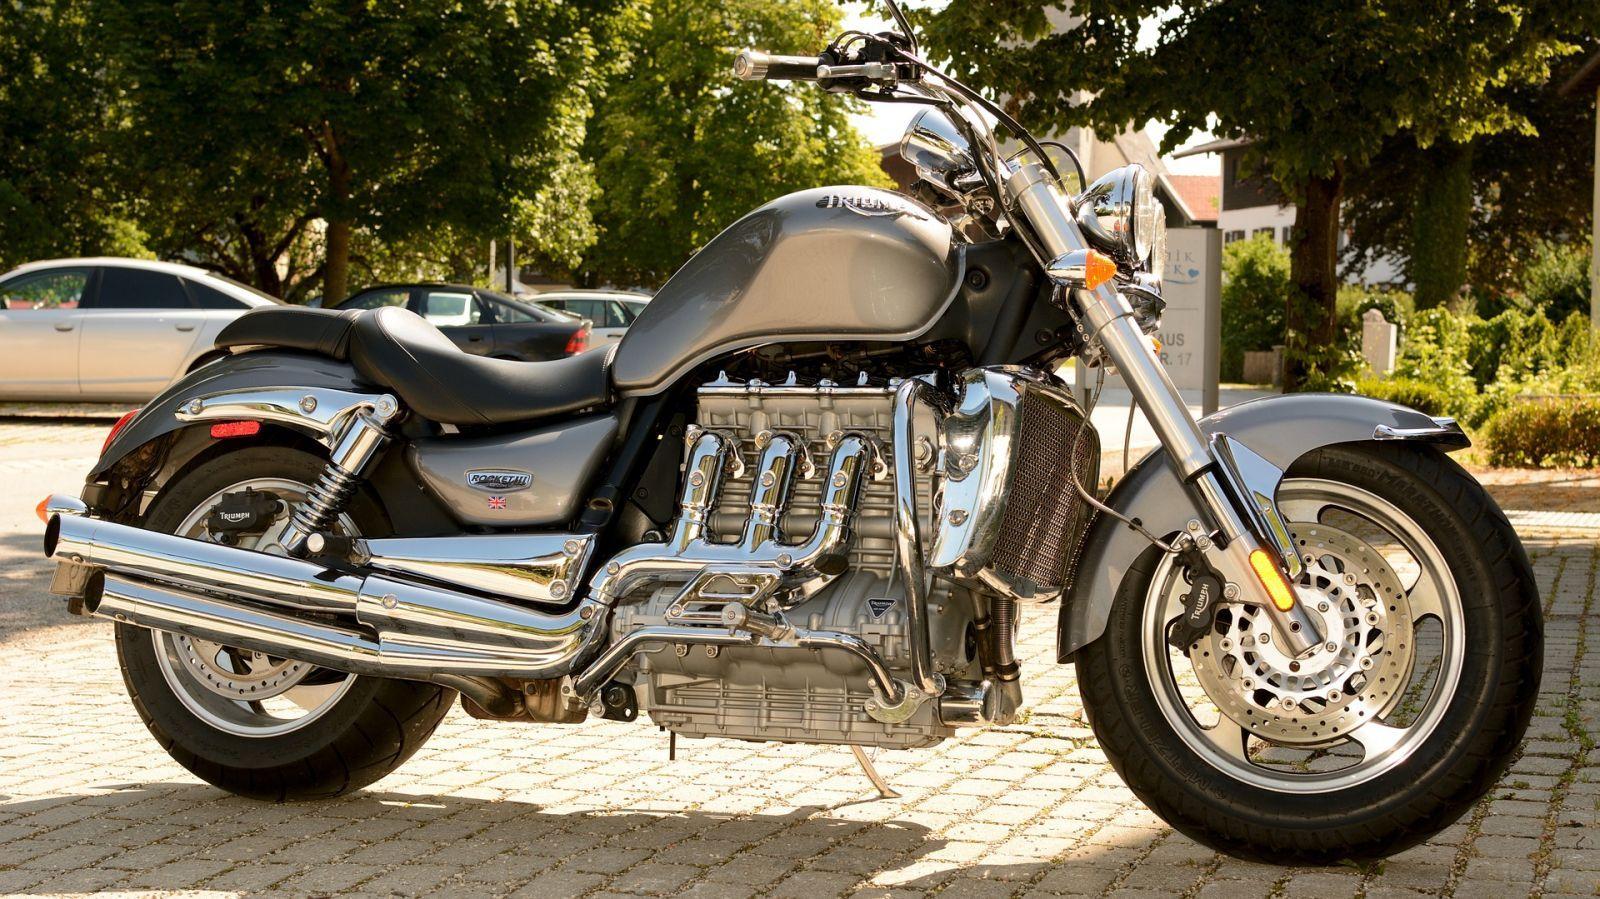 comment acheter une moto via un mandataire moto scooter motos d 39 occasion. Black Bedroom Furniture Sets. Home Design Ideas